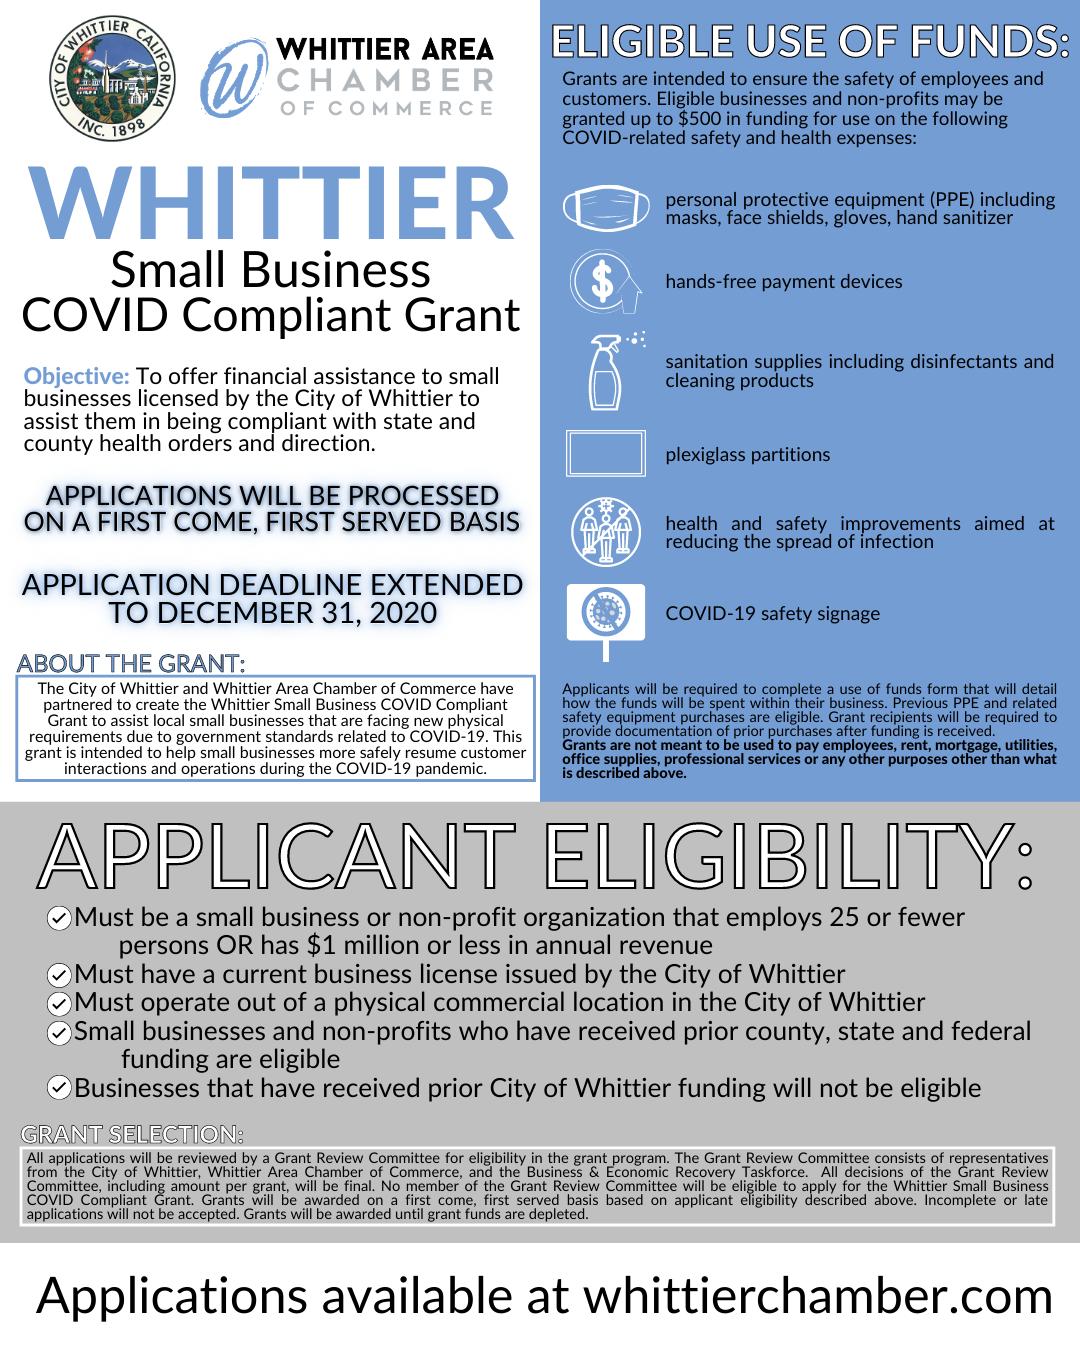 12.31.2020 Whittier Small Businsess COVID Compliant Grant